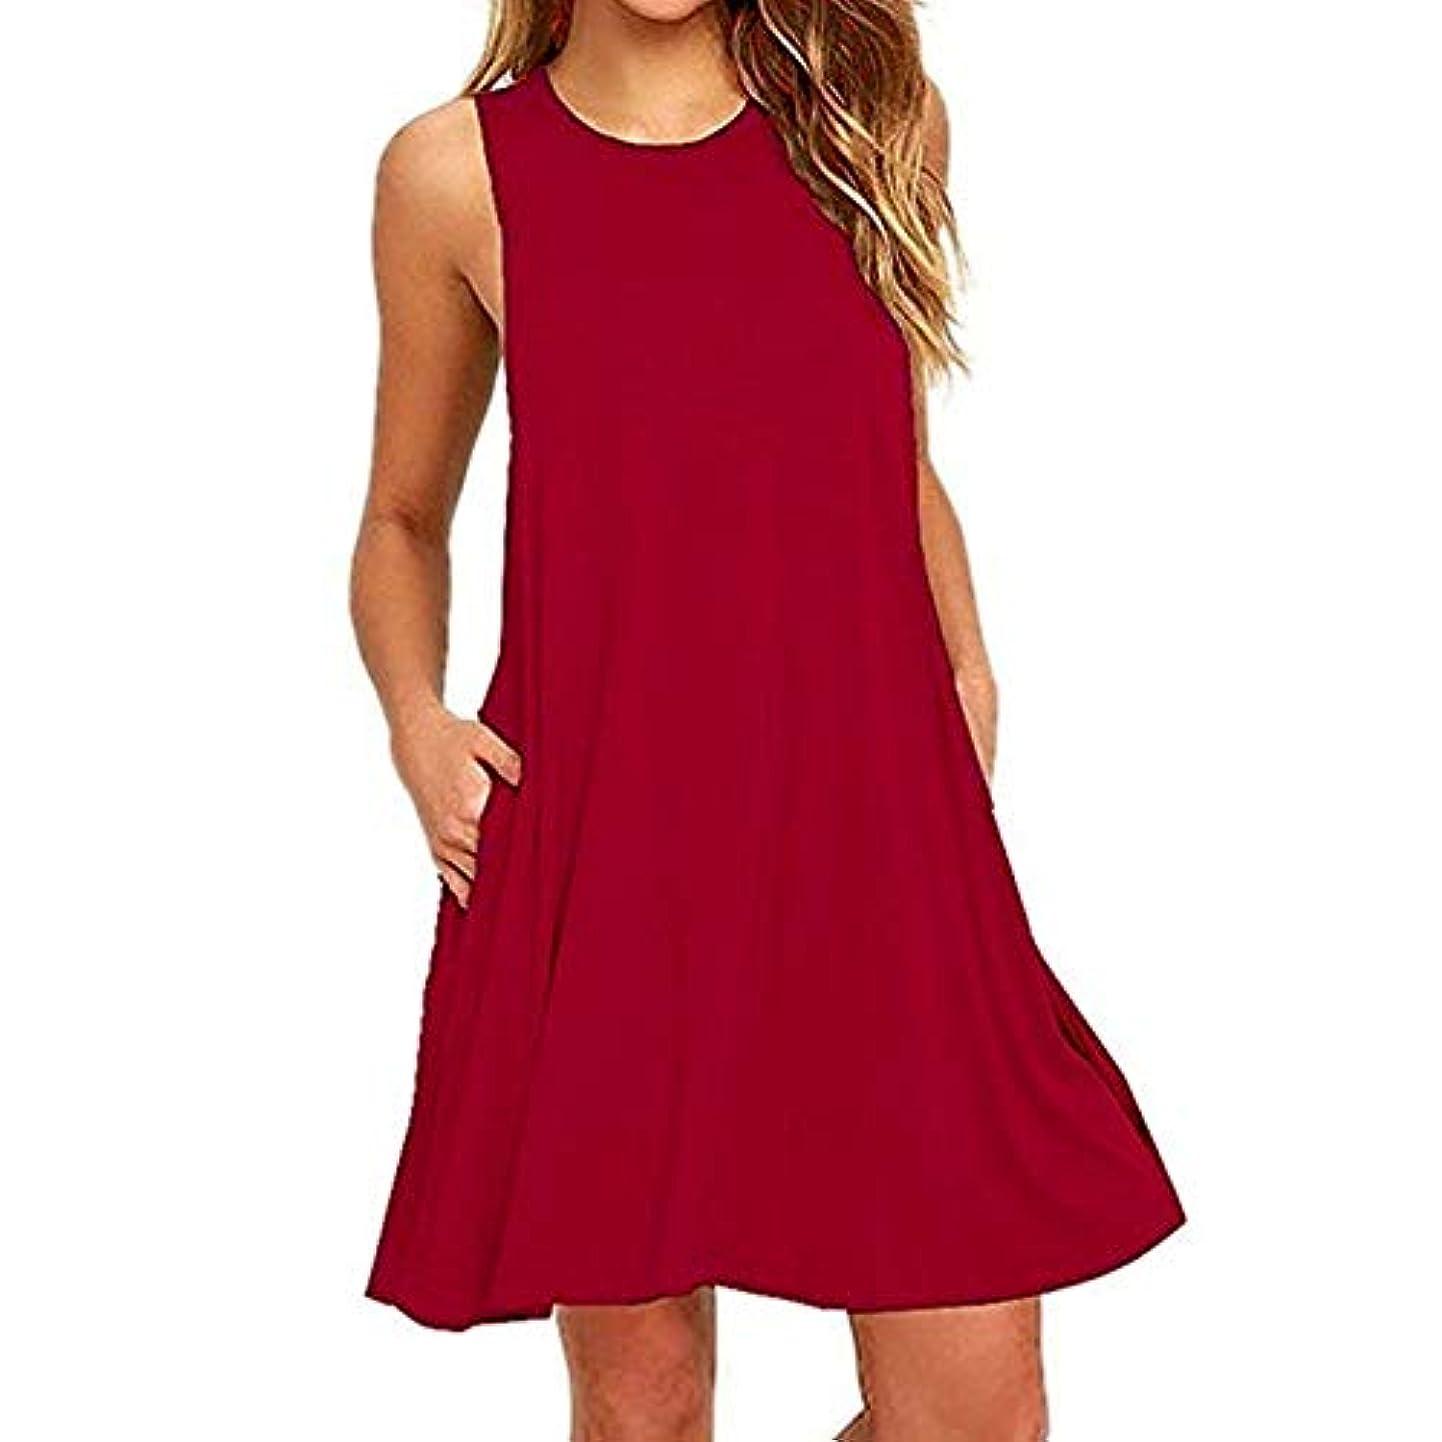 トチの実の木エレベーター作物MIFAN 人の女性のドレス、プラスサイズのドレス、ノースリーブのドレス、ミニドレス、ホルタードレス、コットンドレス